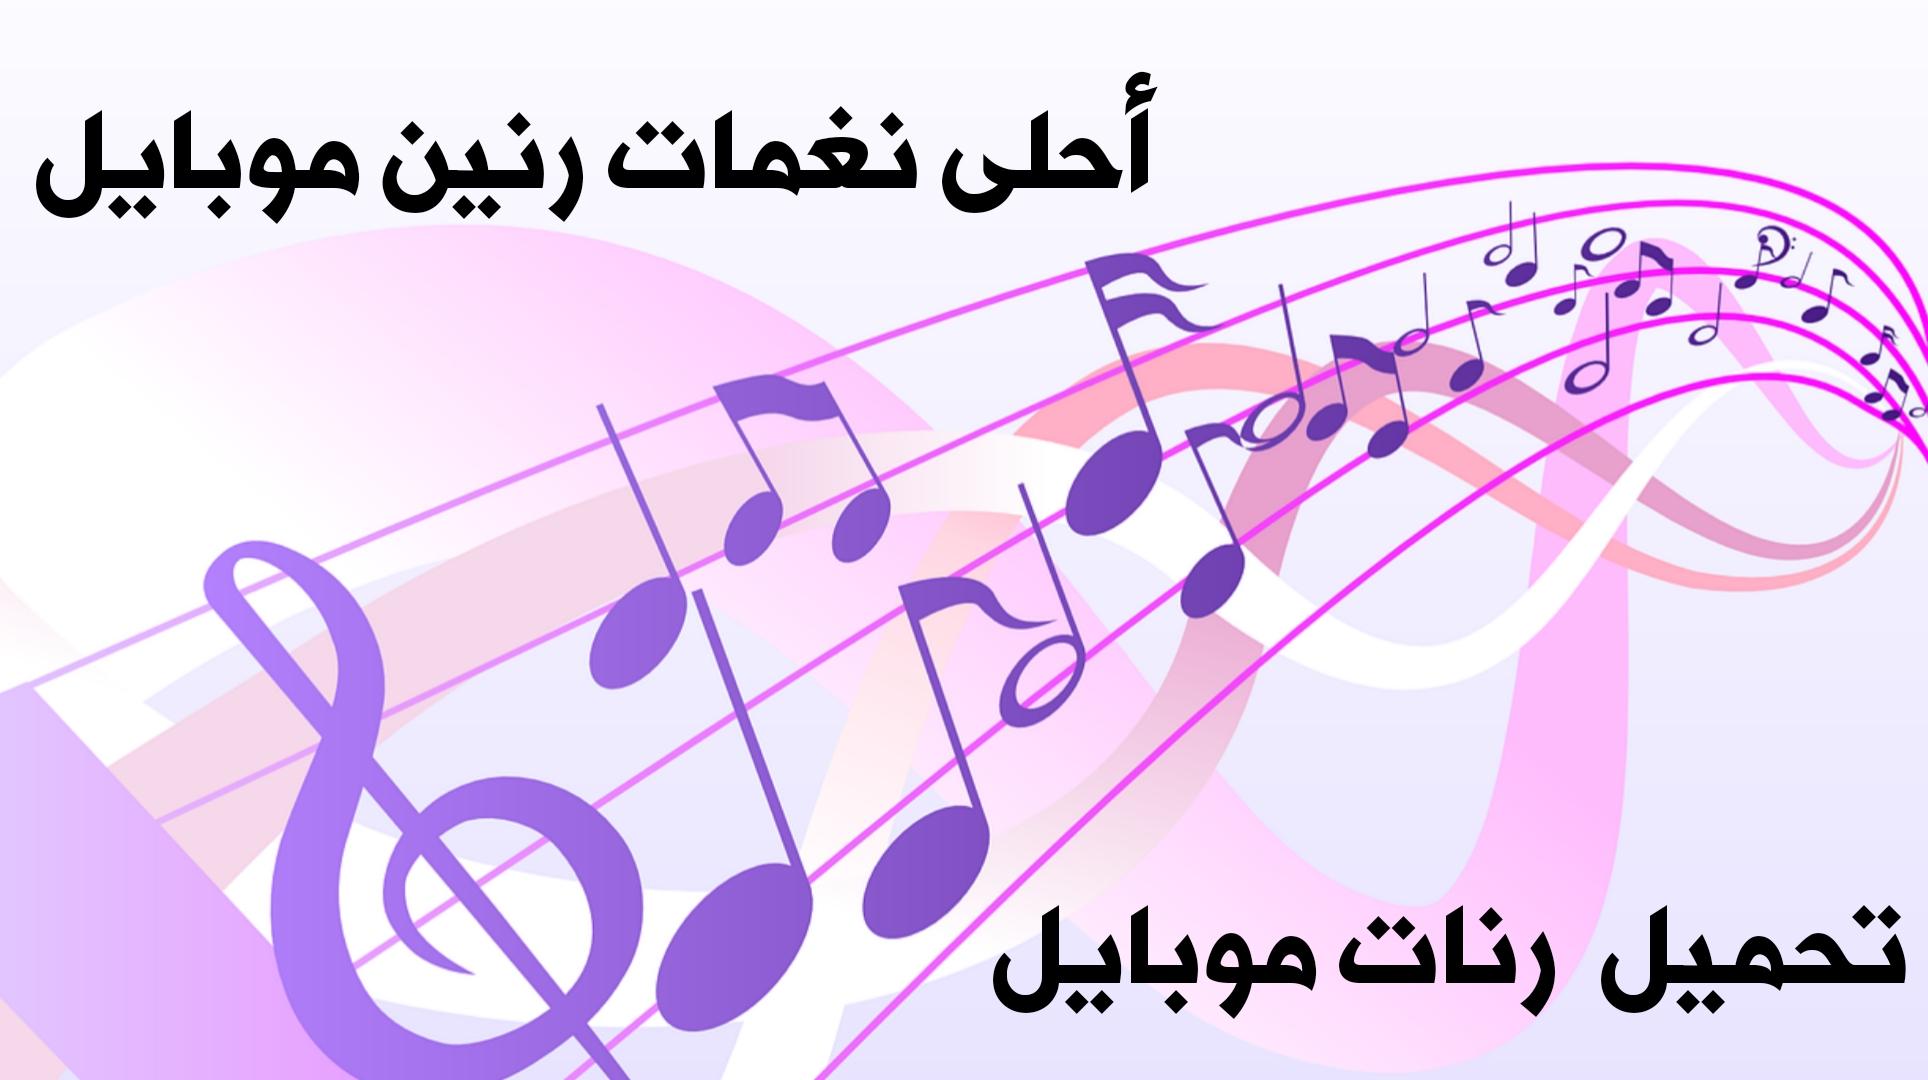 أجمل نغمات رنين الهاتف | أحلى رنات الموبايل | تحميل موسيقى حزينة!